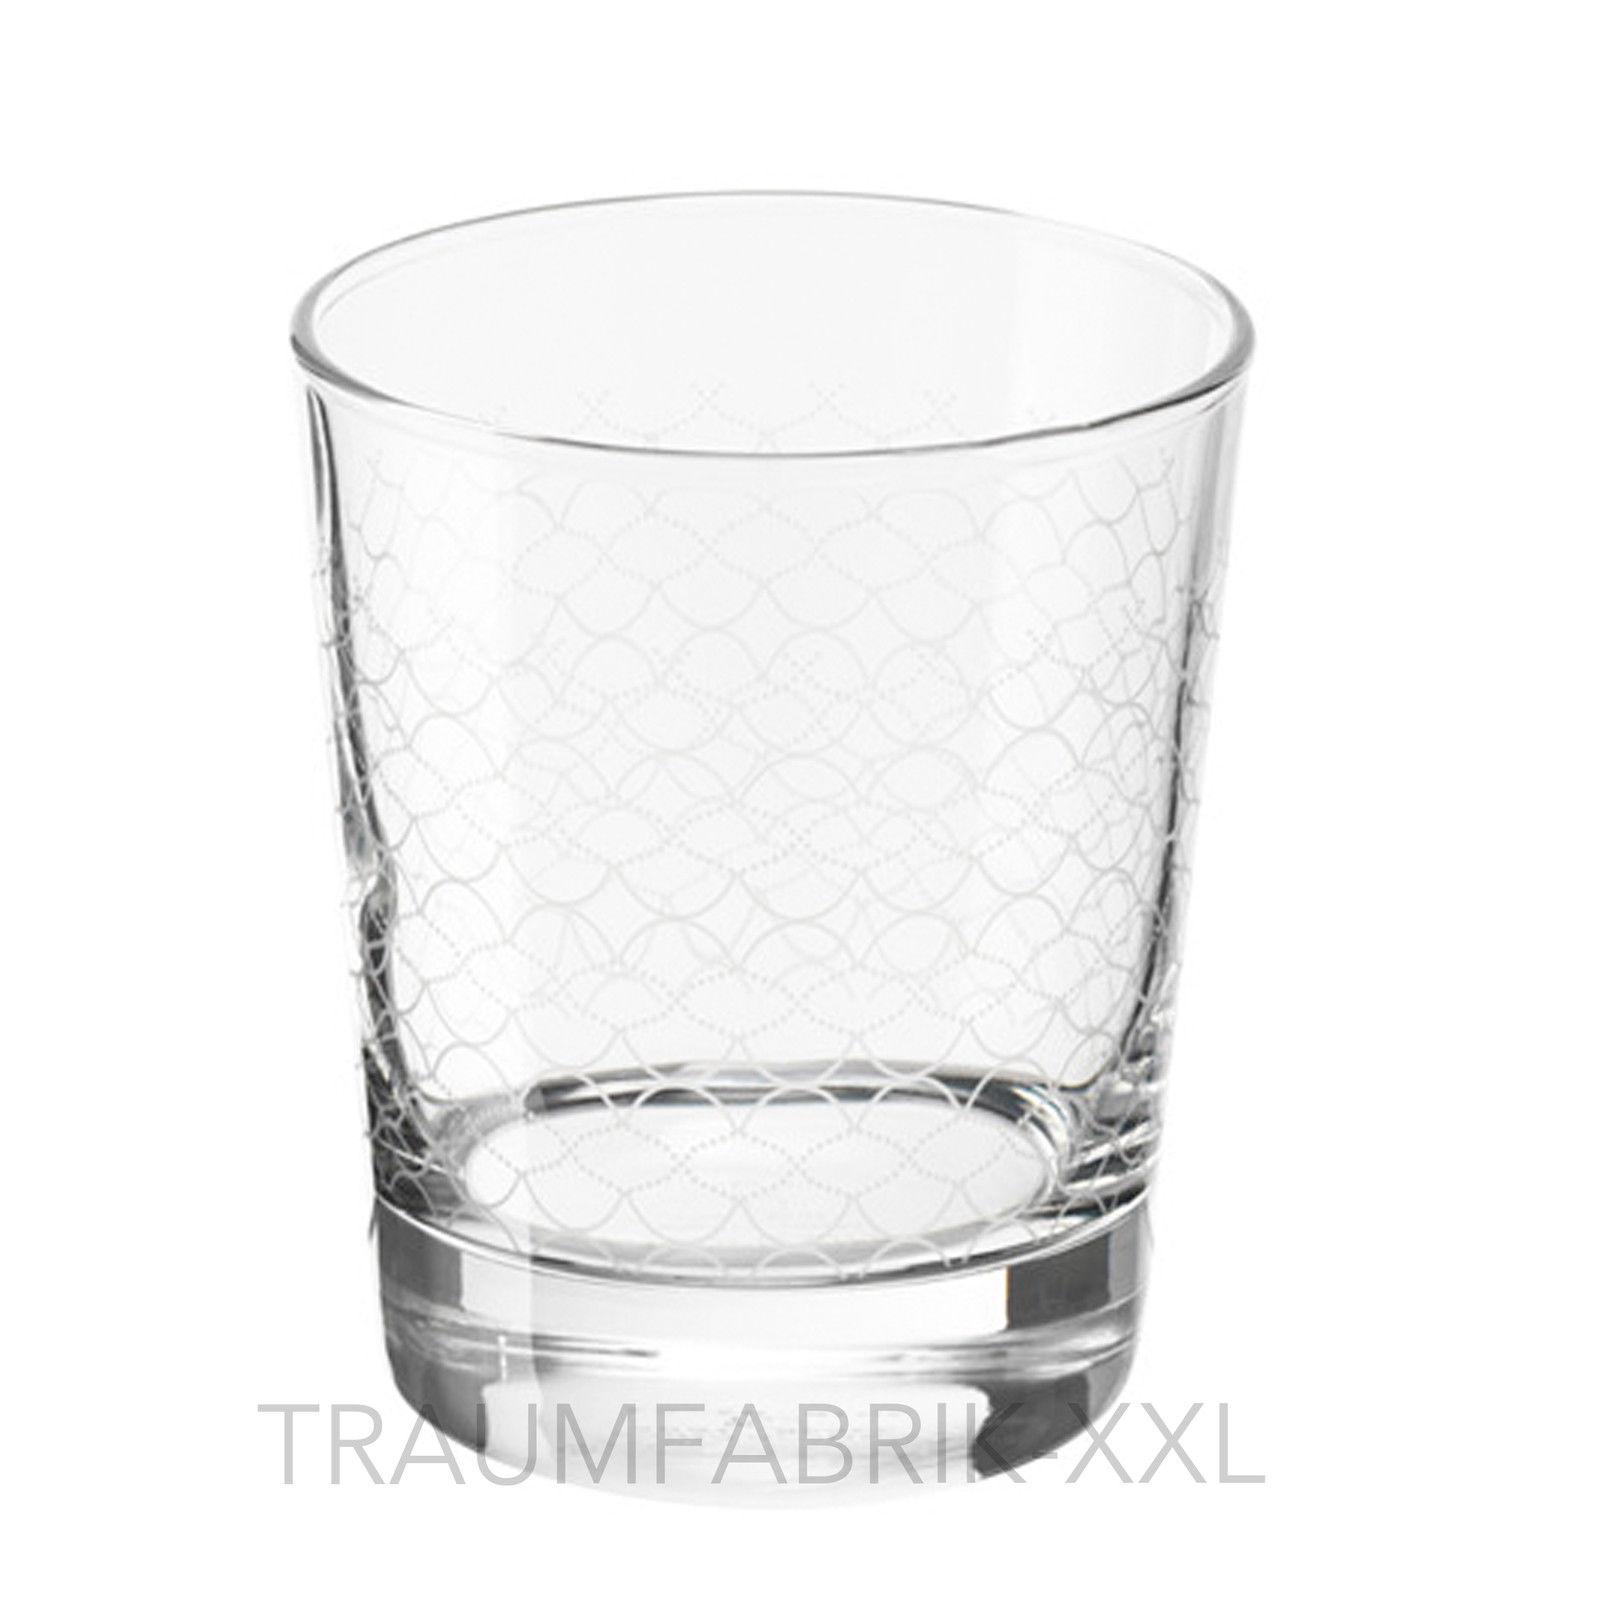 Wassergläser wasserglas 6 stück glas trinkglas wassergläser trinkgläser saftglas